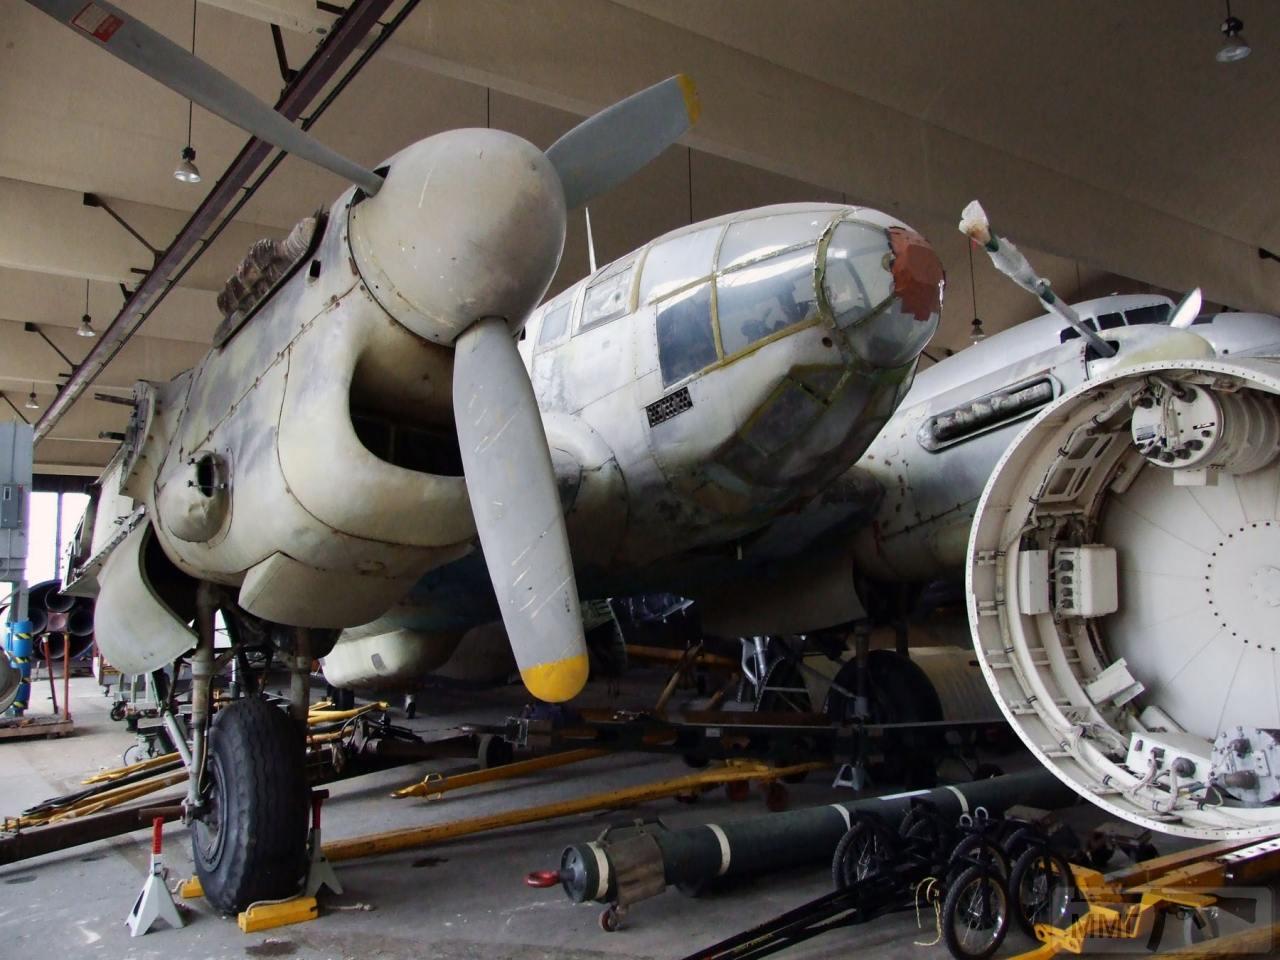 48816 - Немецкие самолеты после войны